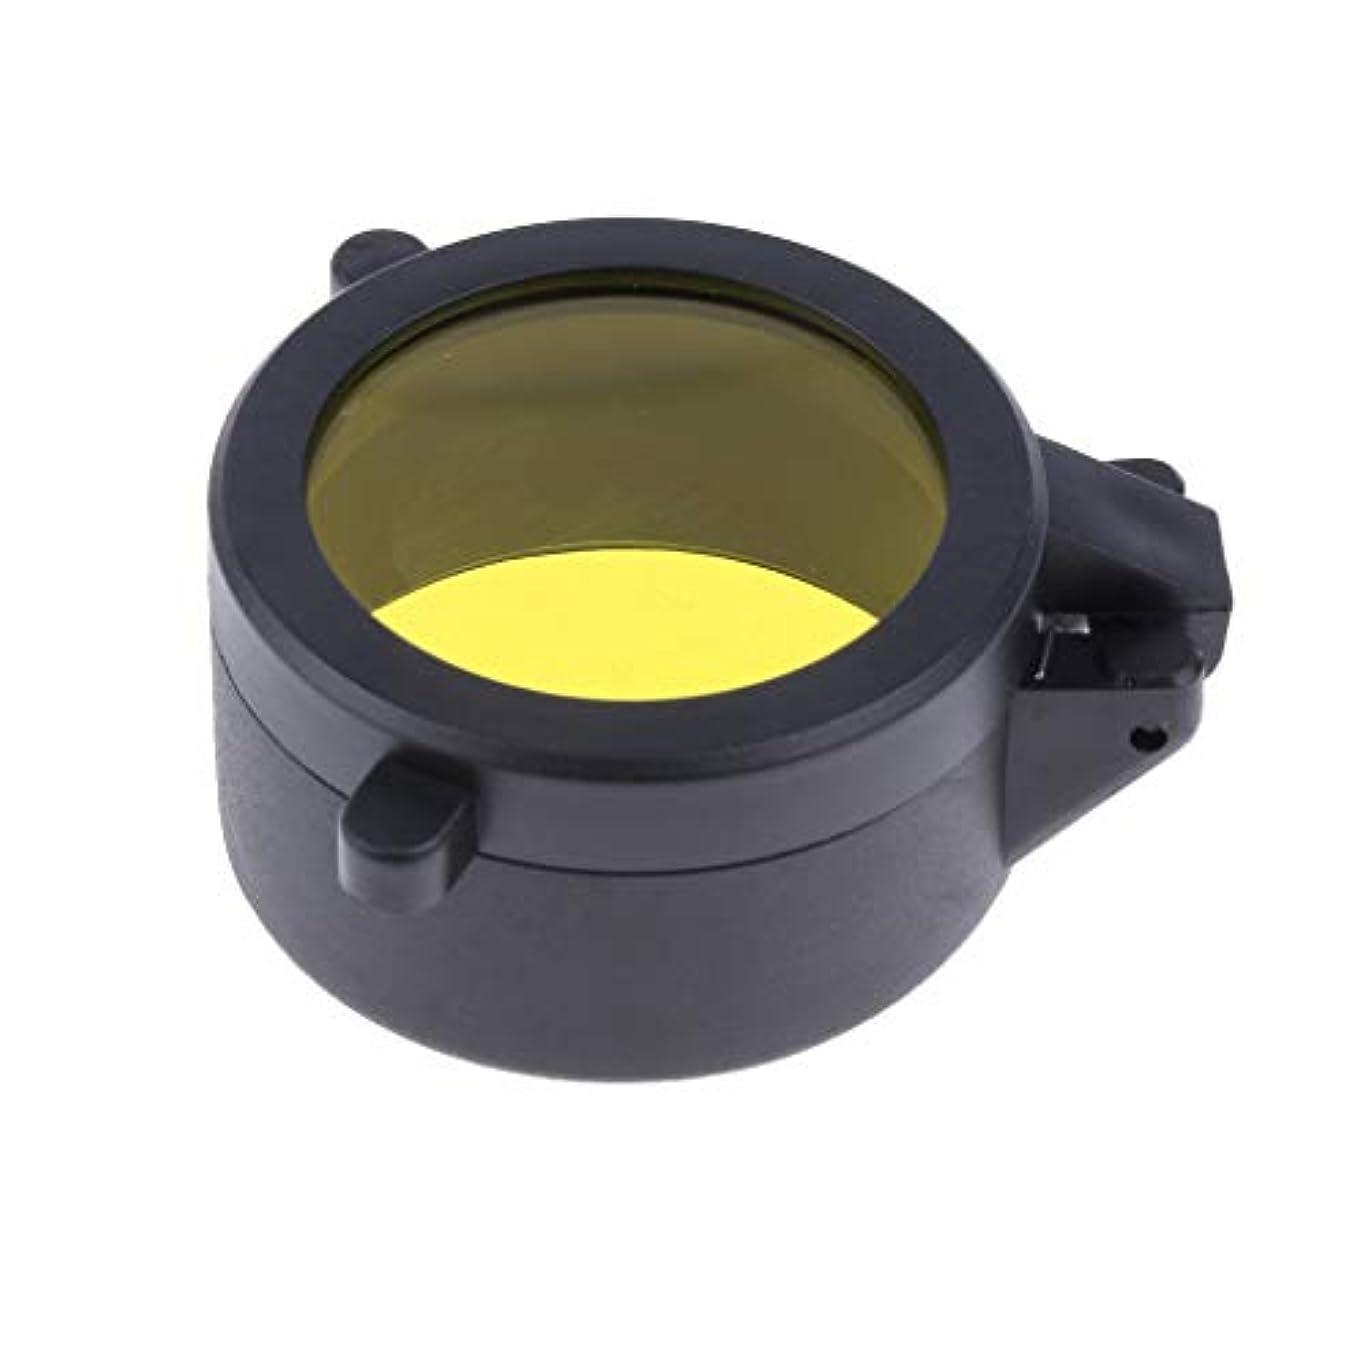 伝染性の北へ意味のあるFenteer 単眼レンズ キャップ カバー ゴム製 防塵 防水 単眼望遠鏡に適し 全5サイズ